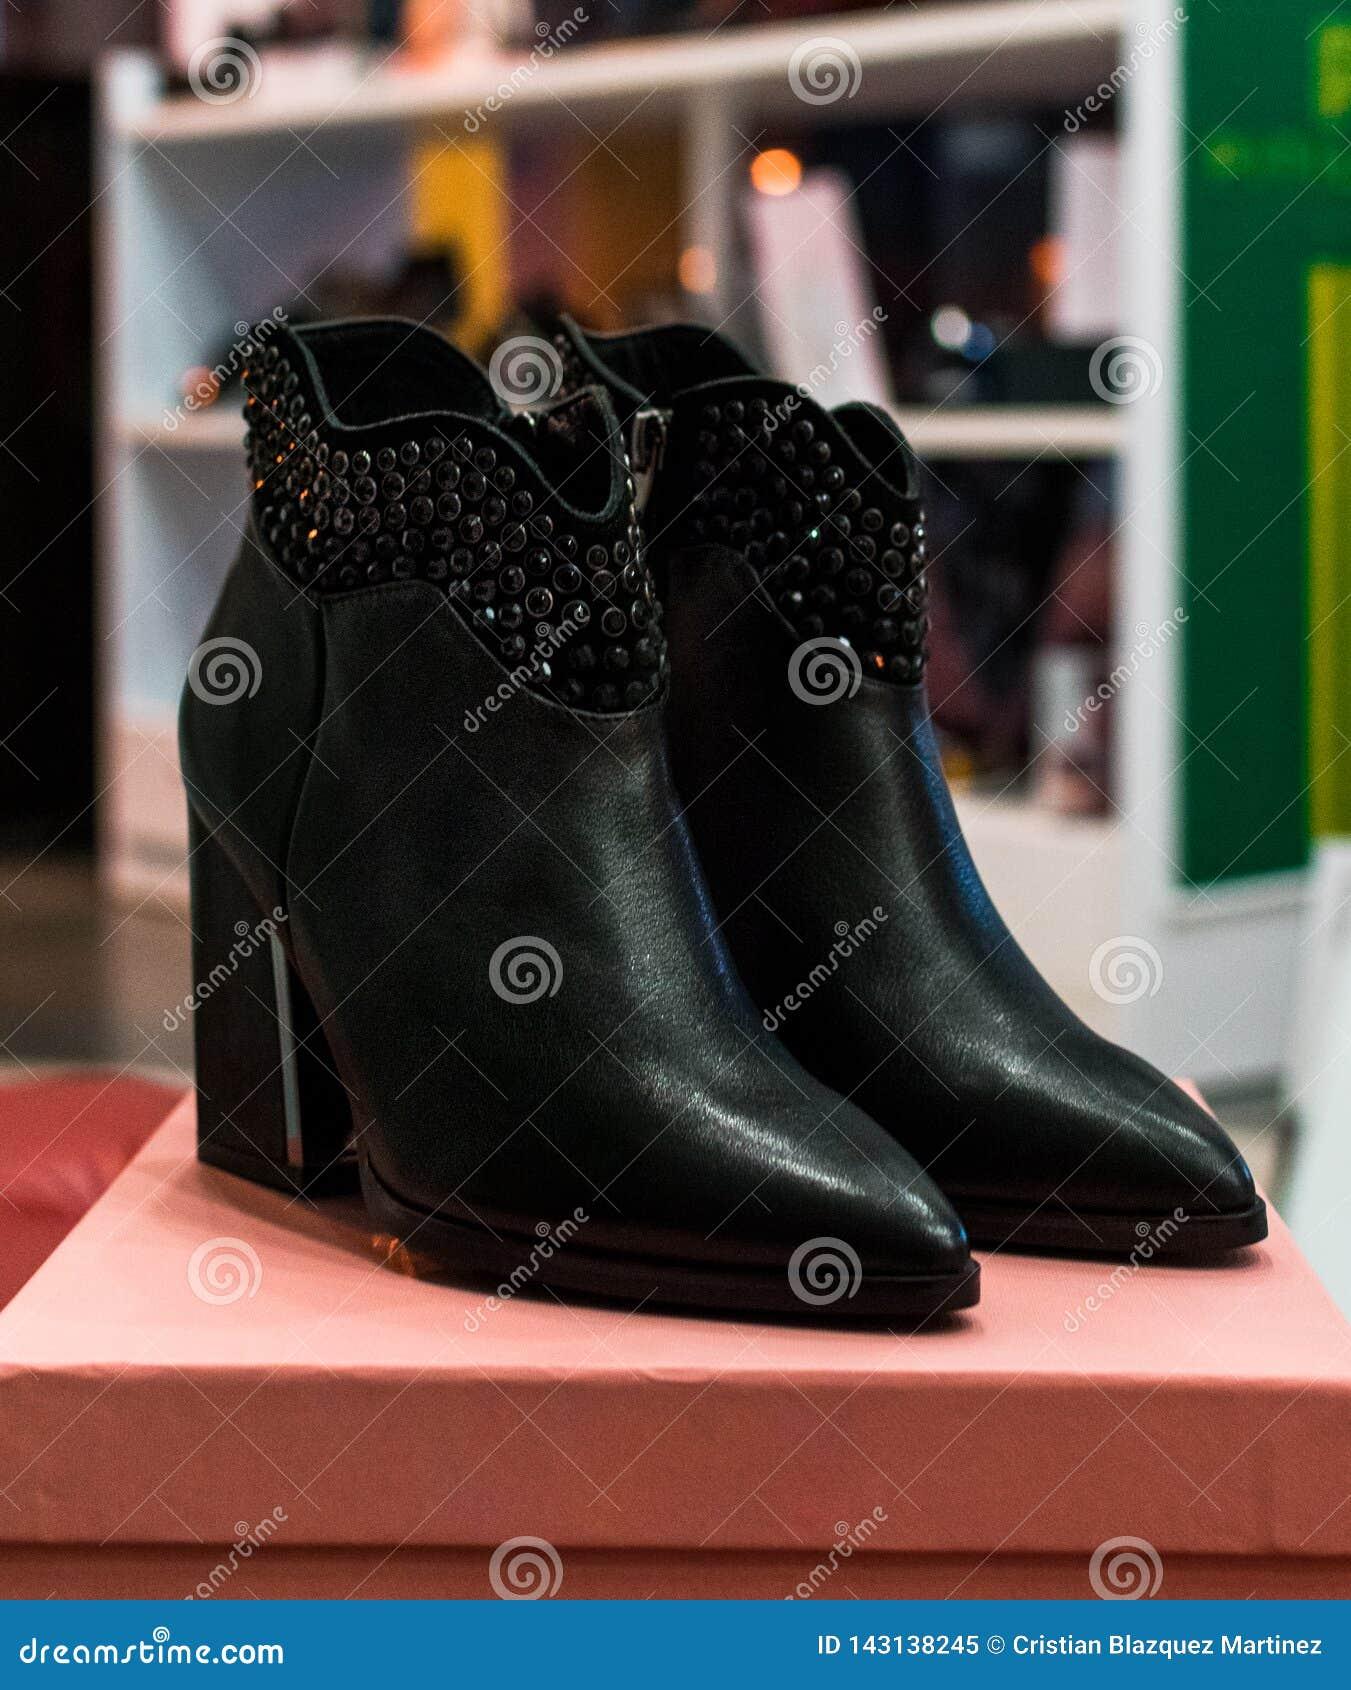 Elegante Schuhe und Einrichtung in einer Kleidung kaufen